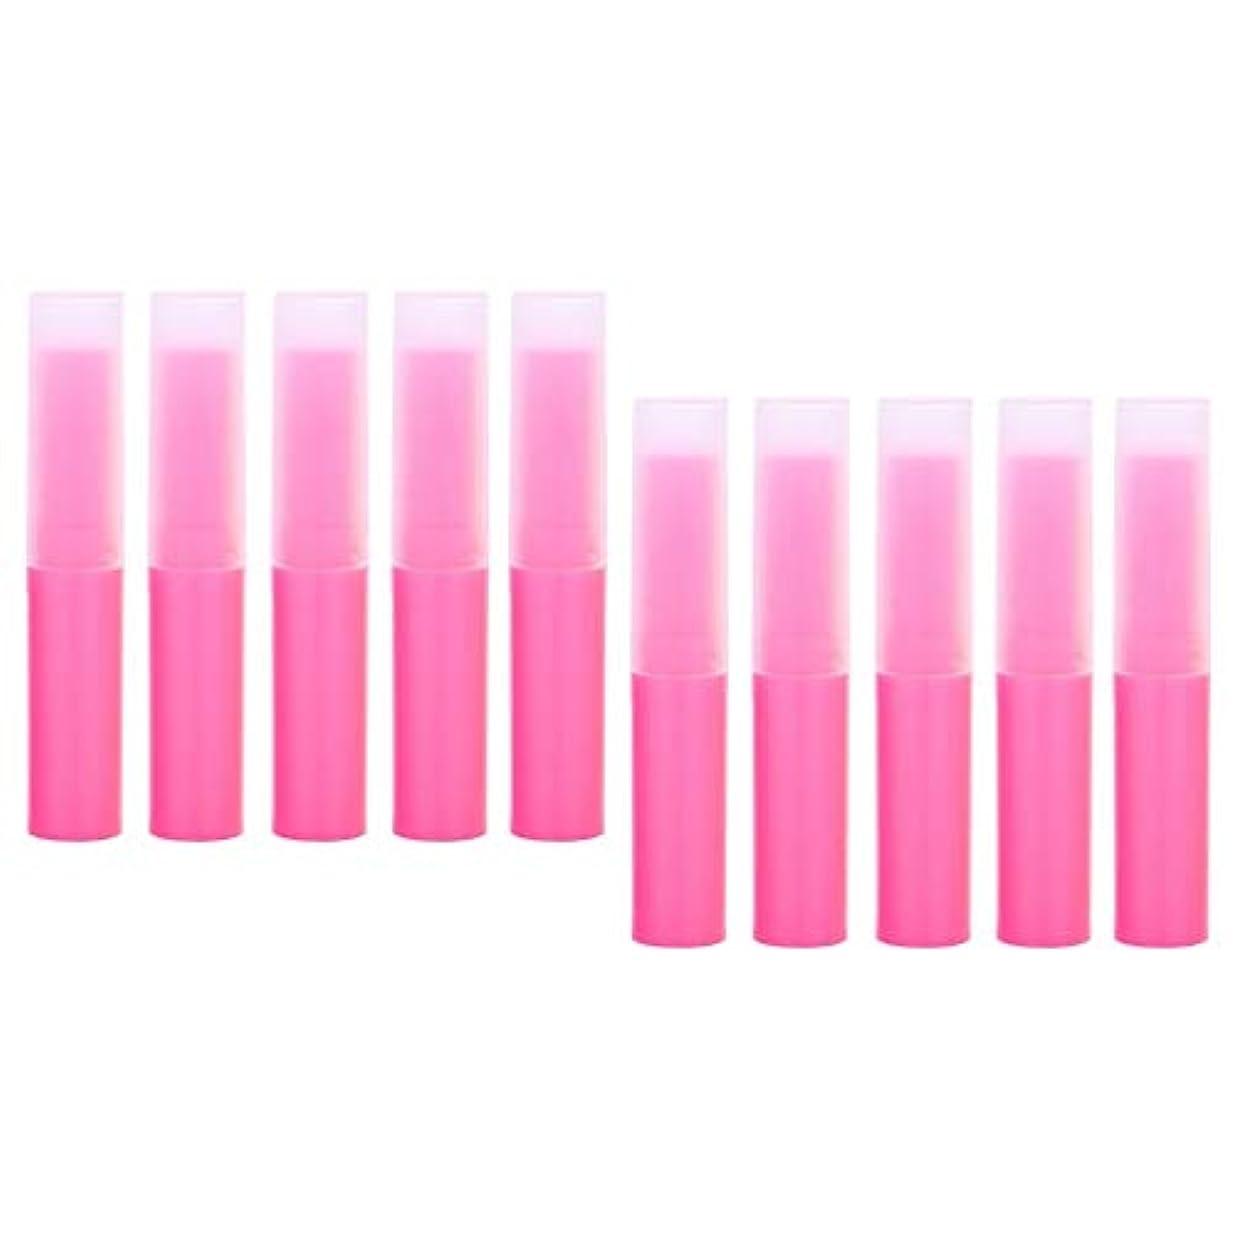 生物学先入観生物学プラスチック製 リップクリーム容器 空チューブ 化粧品容器 詰替え容器 10個 全7色 - ピンク